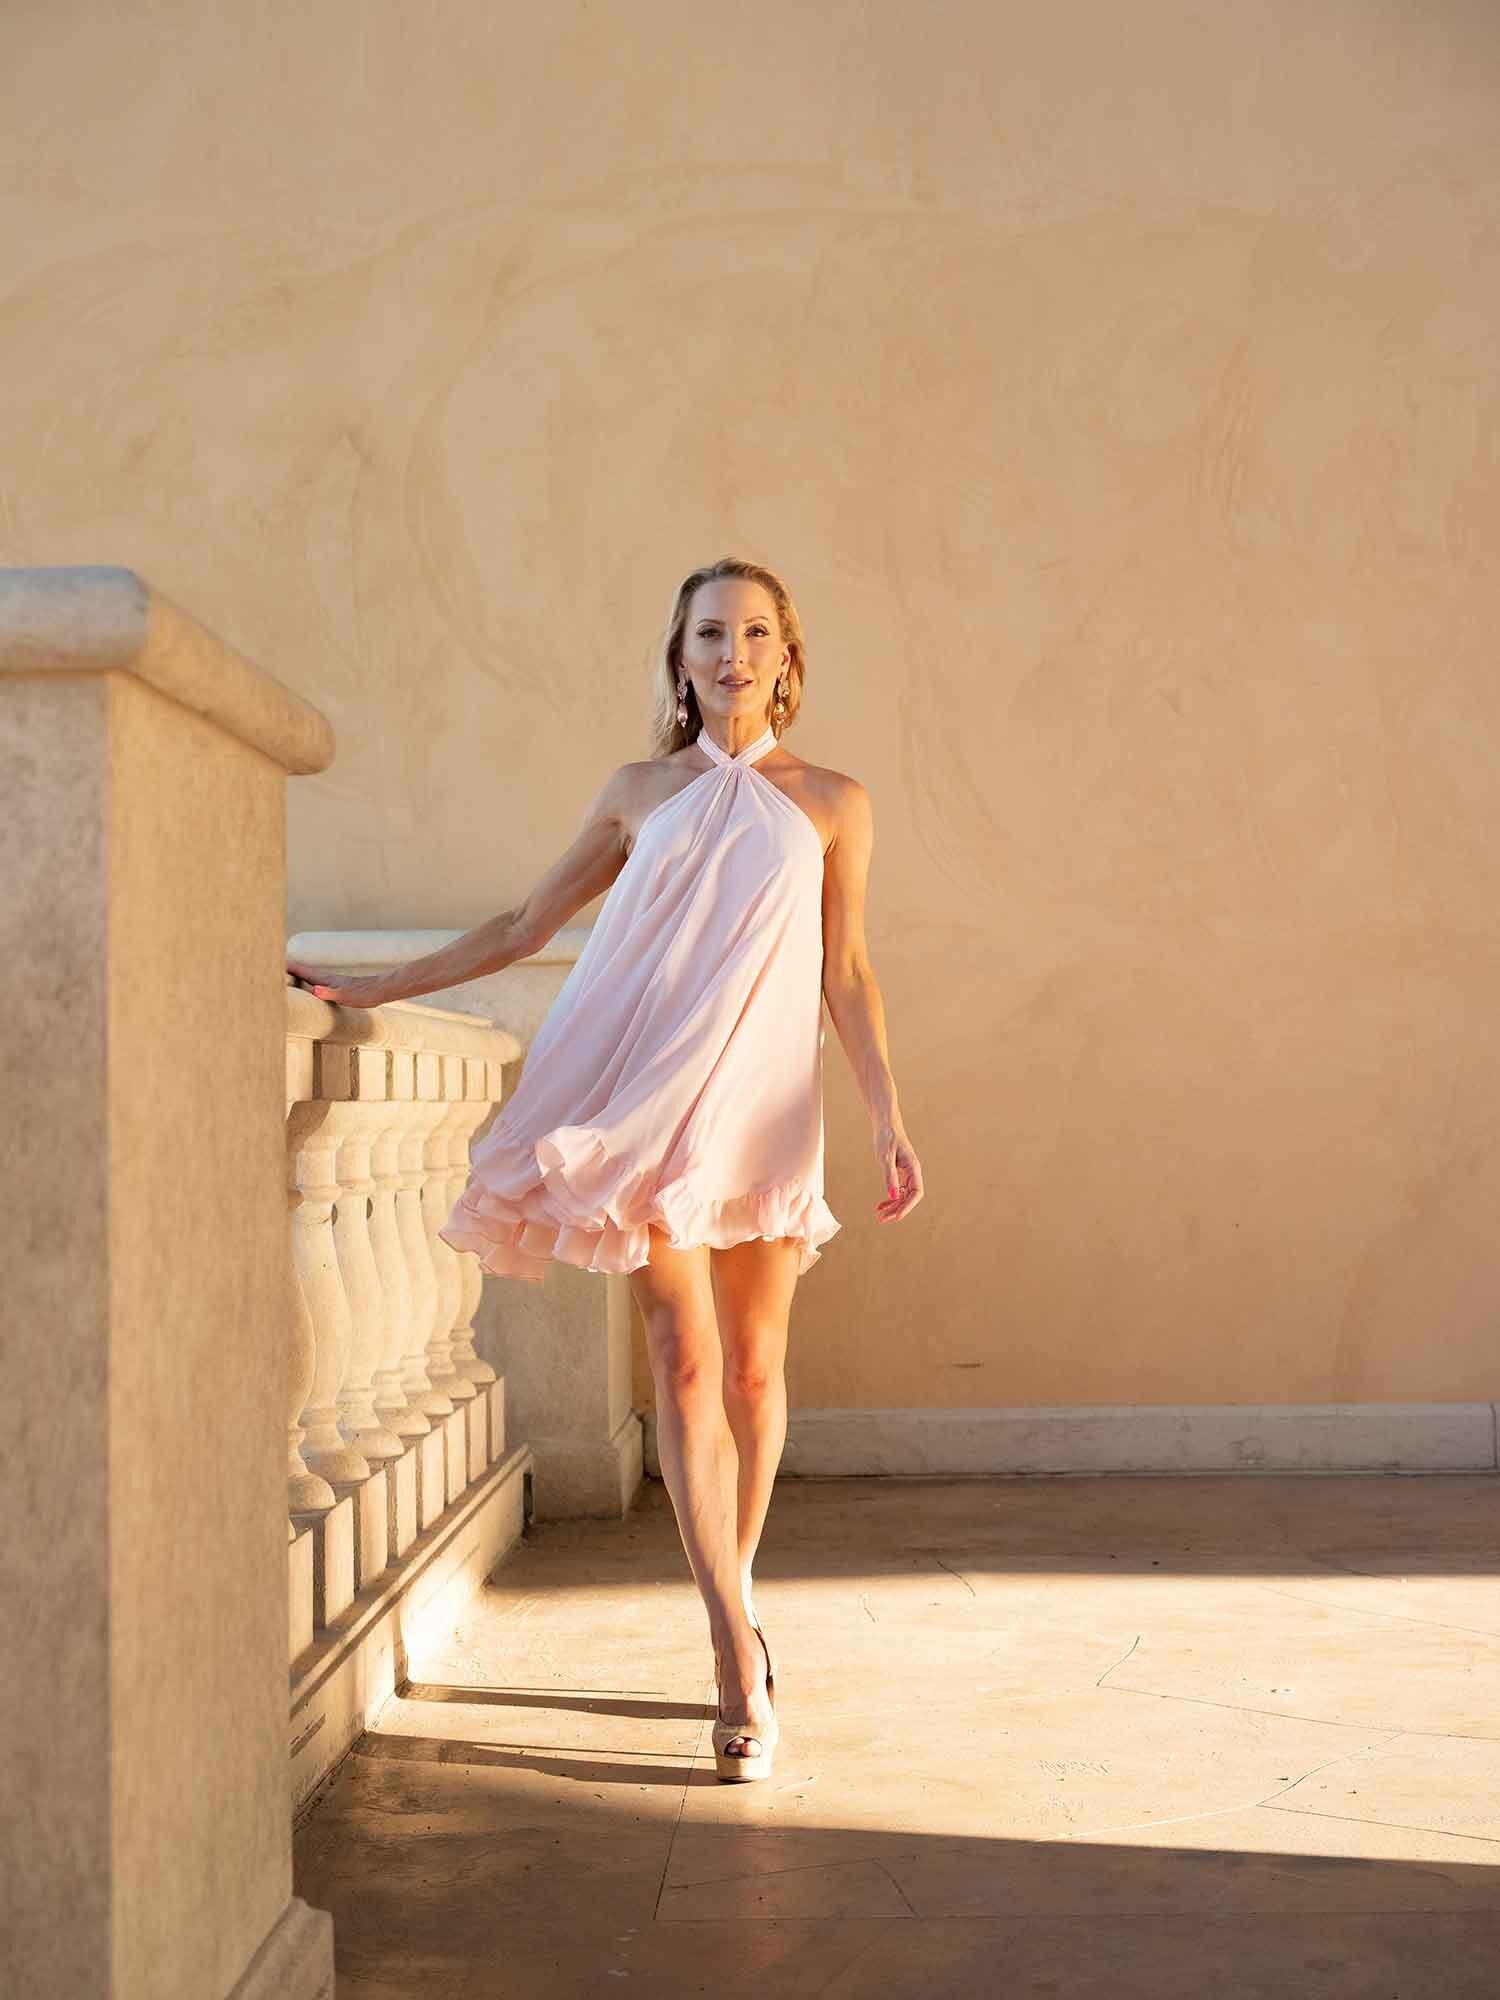 Fitness blogger Eve Dawes Las Vegas spring makeup pink dress